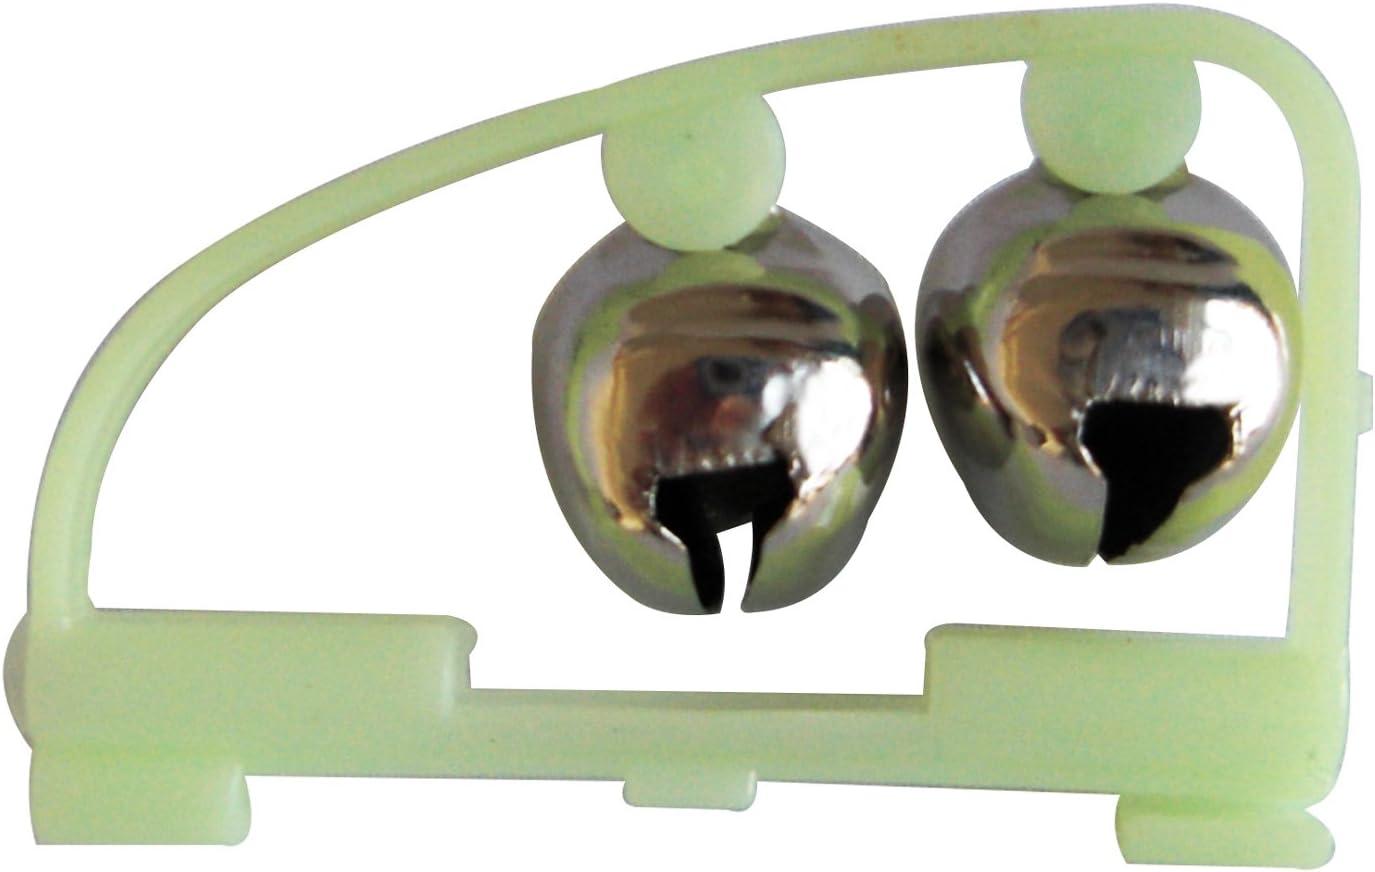 Angelrutenglocken Licht Angelclip Bissalarm mit Zwei Alarmglocken Yosoo Angel Glocke Bissanzeiger LED Angel Glocken 10 St/ück Aalglocken Mit Knicklicht Knicklichter